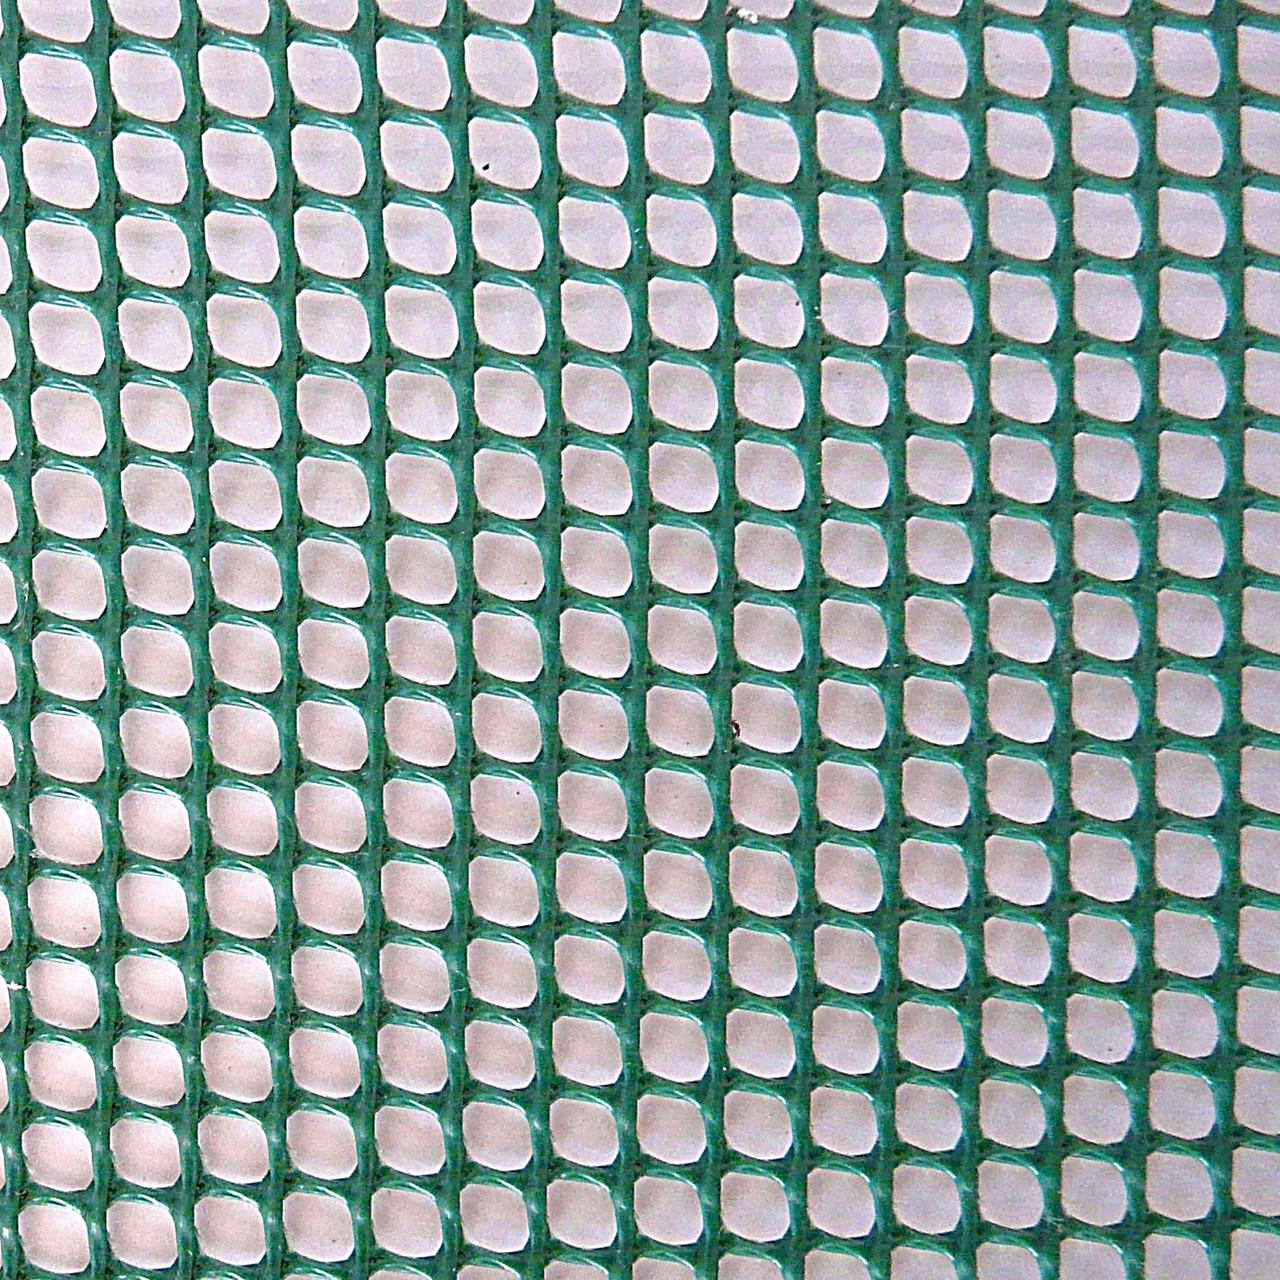 Сетка пластиковая K-100/5 Balconet 04/100 green (1х25м) для птичников